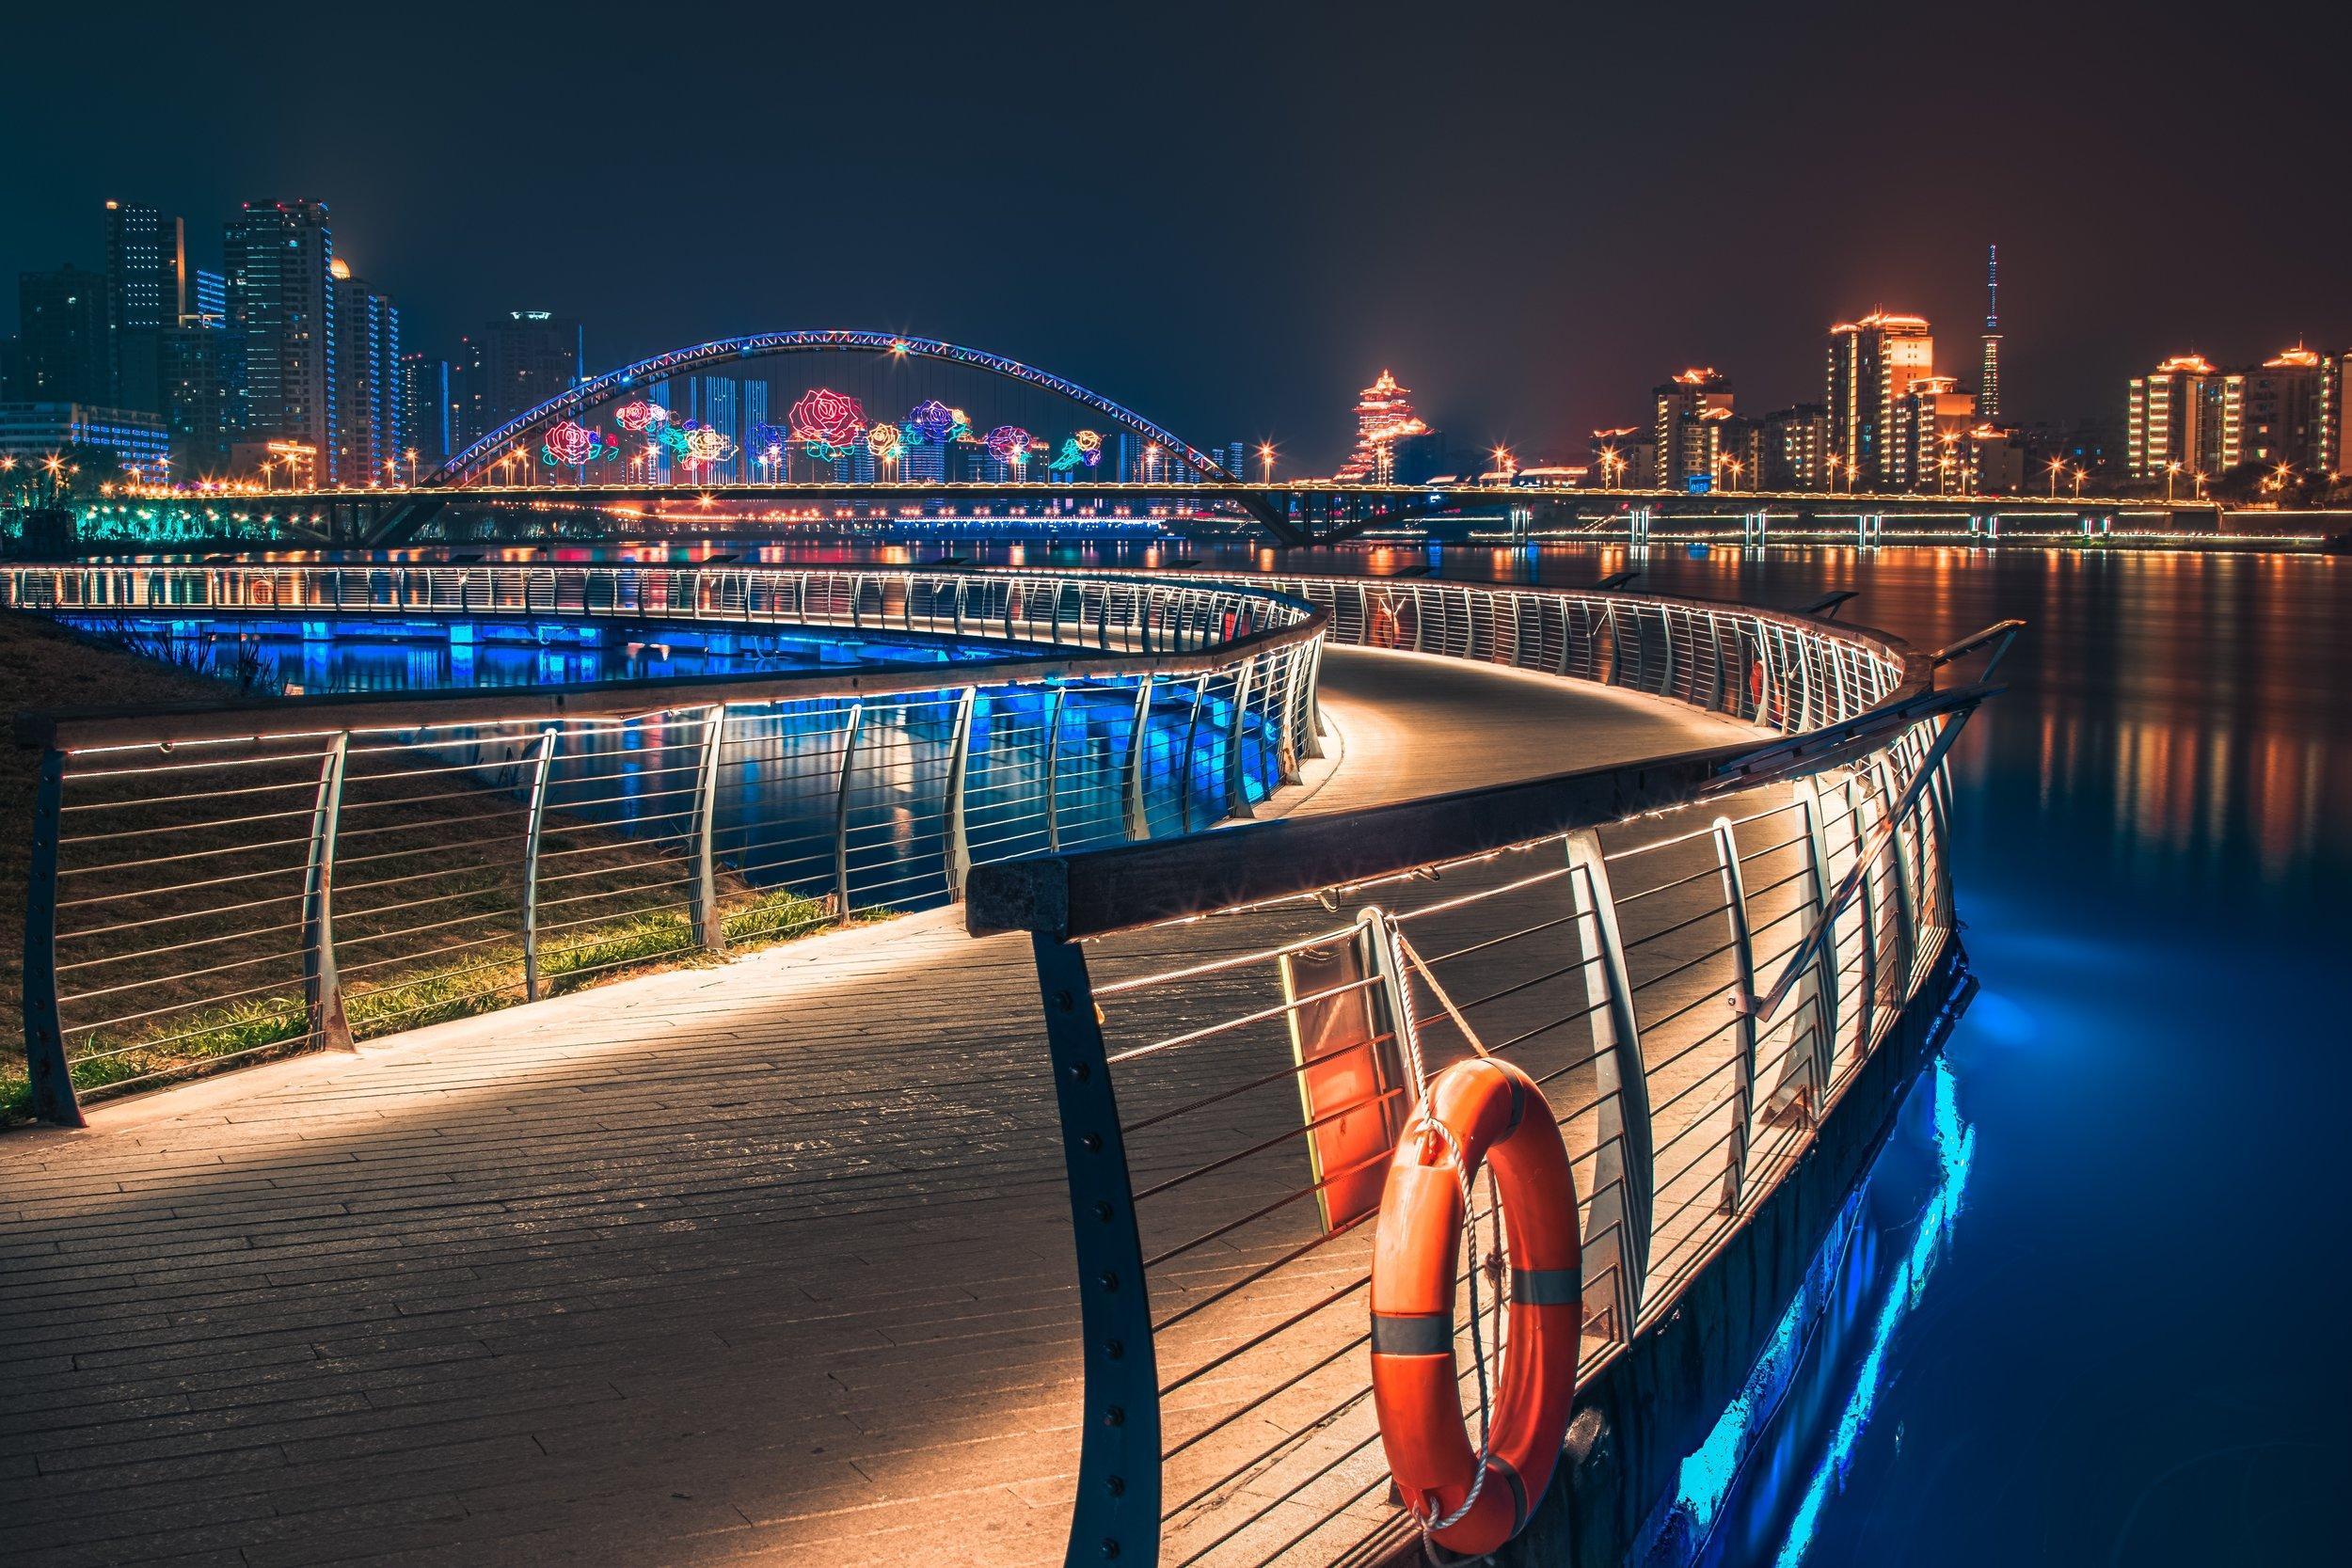 zhang-xupeng-545066-unsplash.jpg